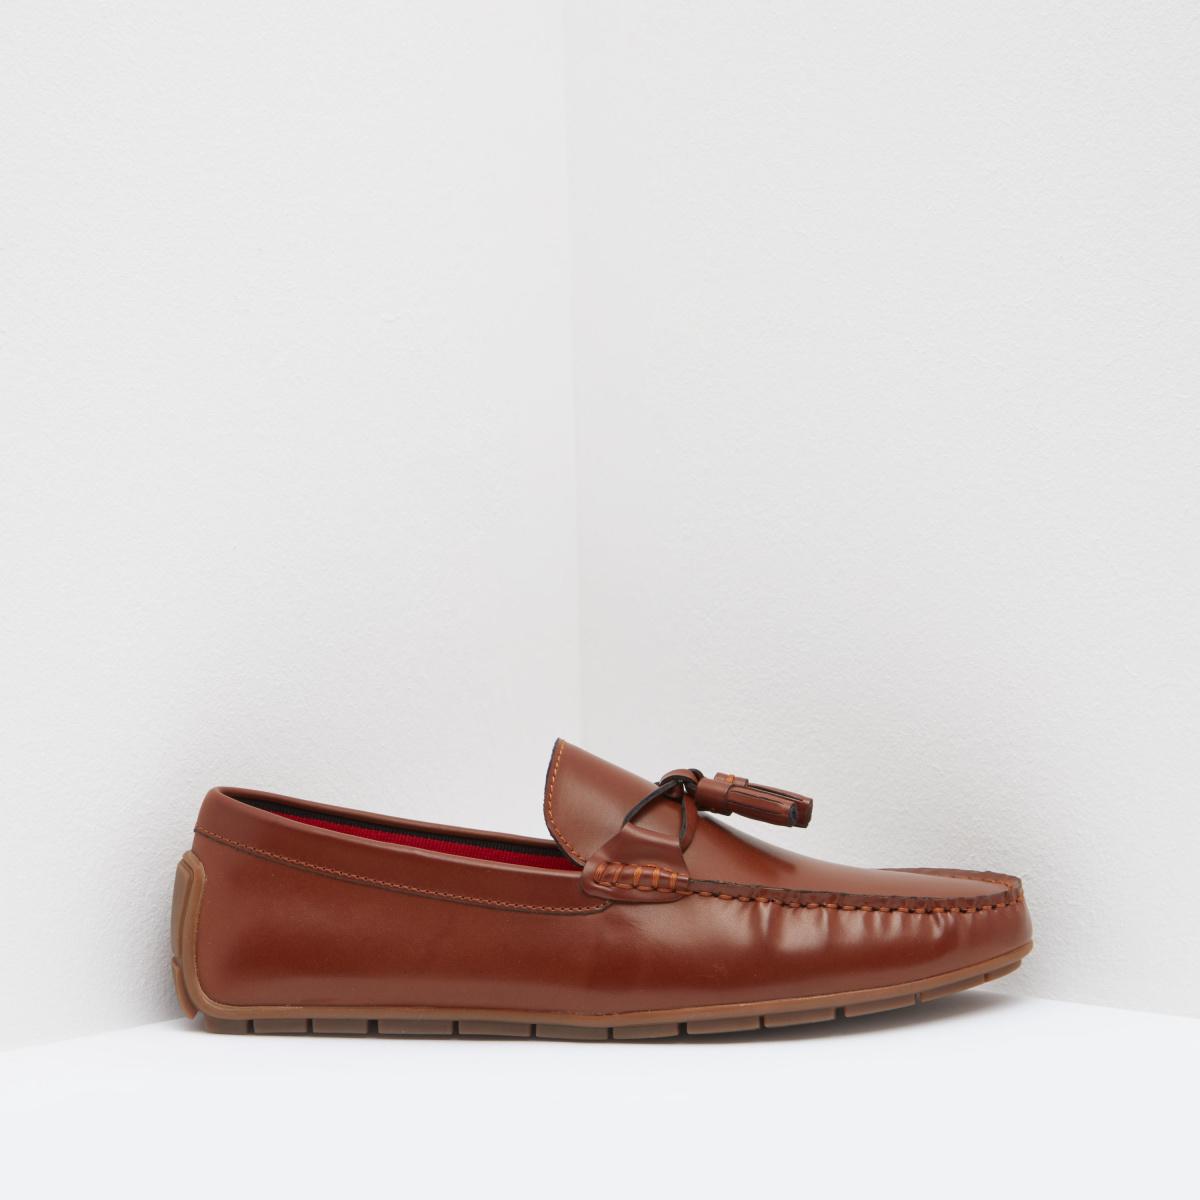 Shoexpress : Value Footwear - Express